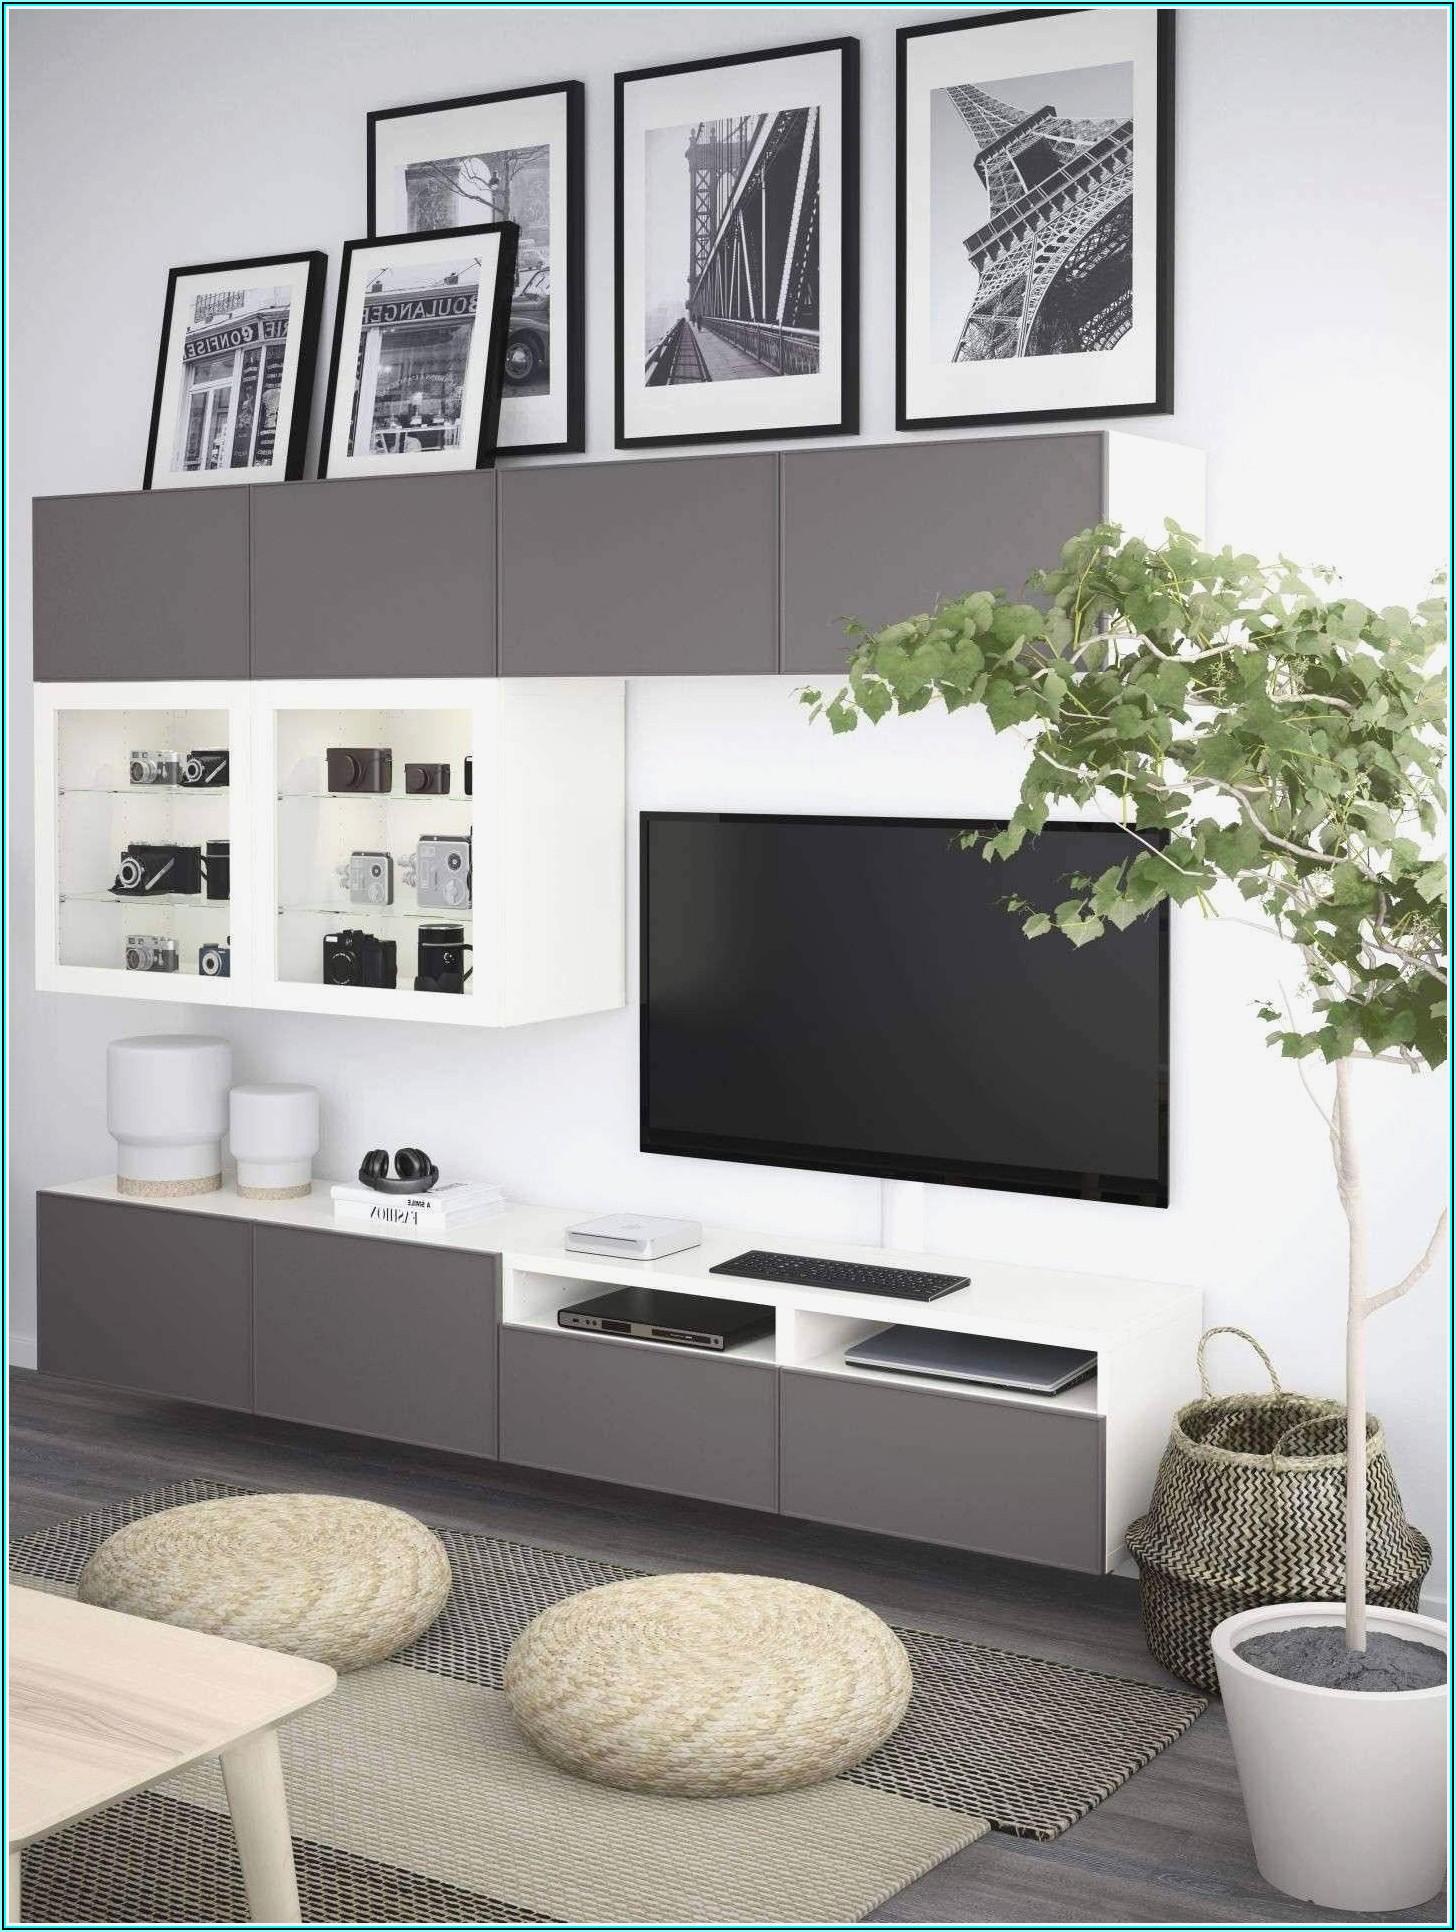 Galerie Ideen Wohnzimmer